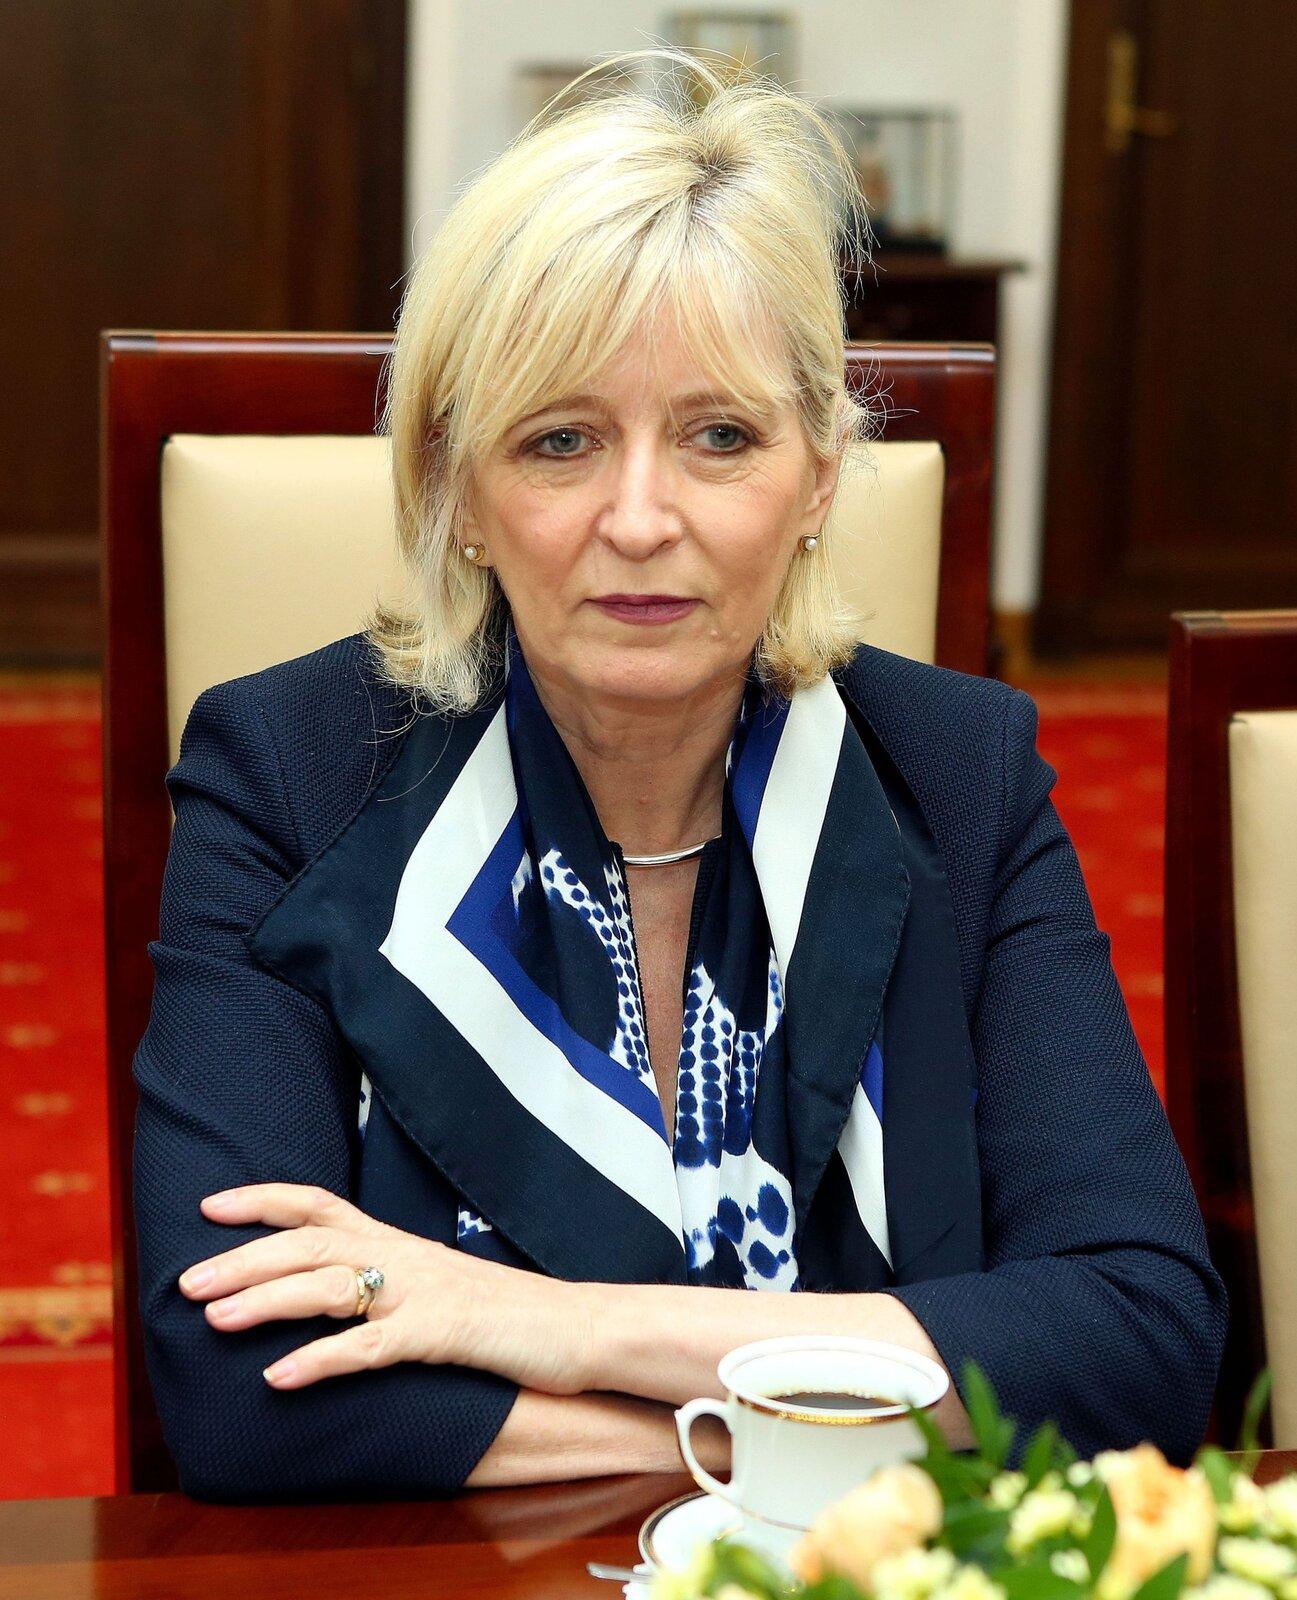 na zdjęciuEuropejski Rzecznik Praw Obywatelskich,